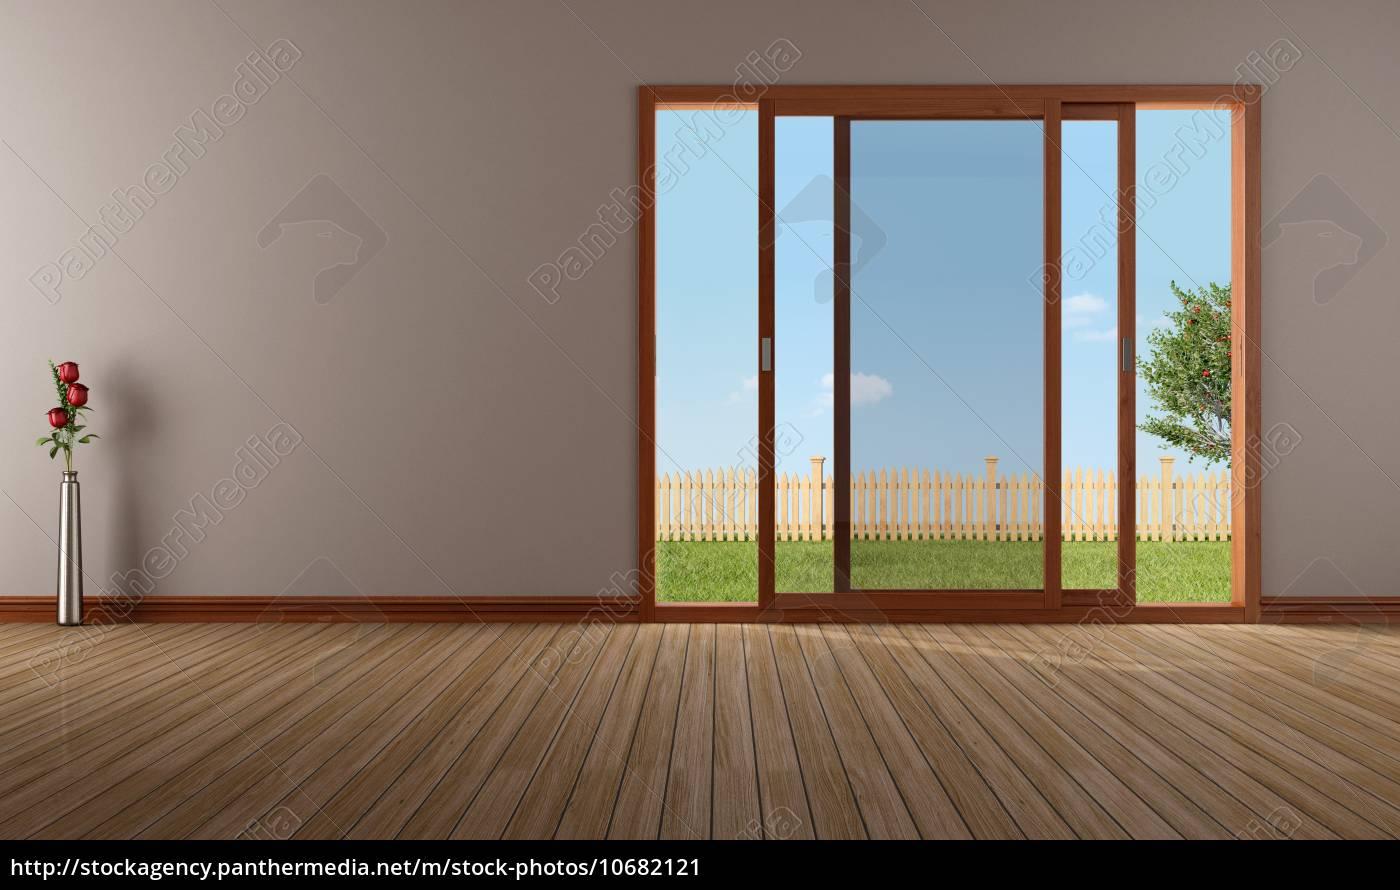 Vuoto soggiorno con finestra scorrevole aperta stockphoto